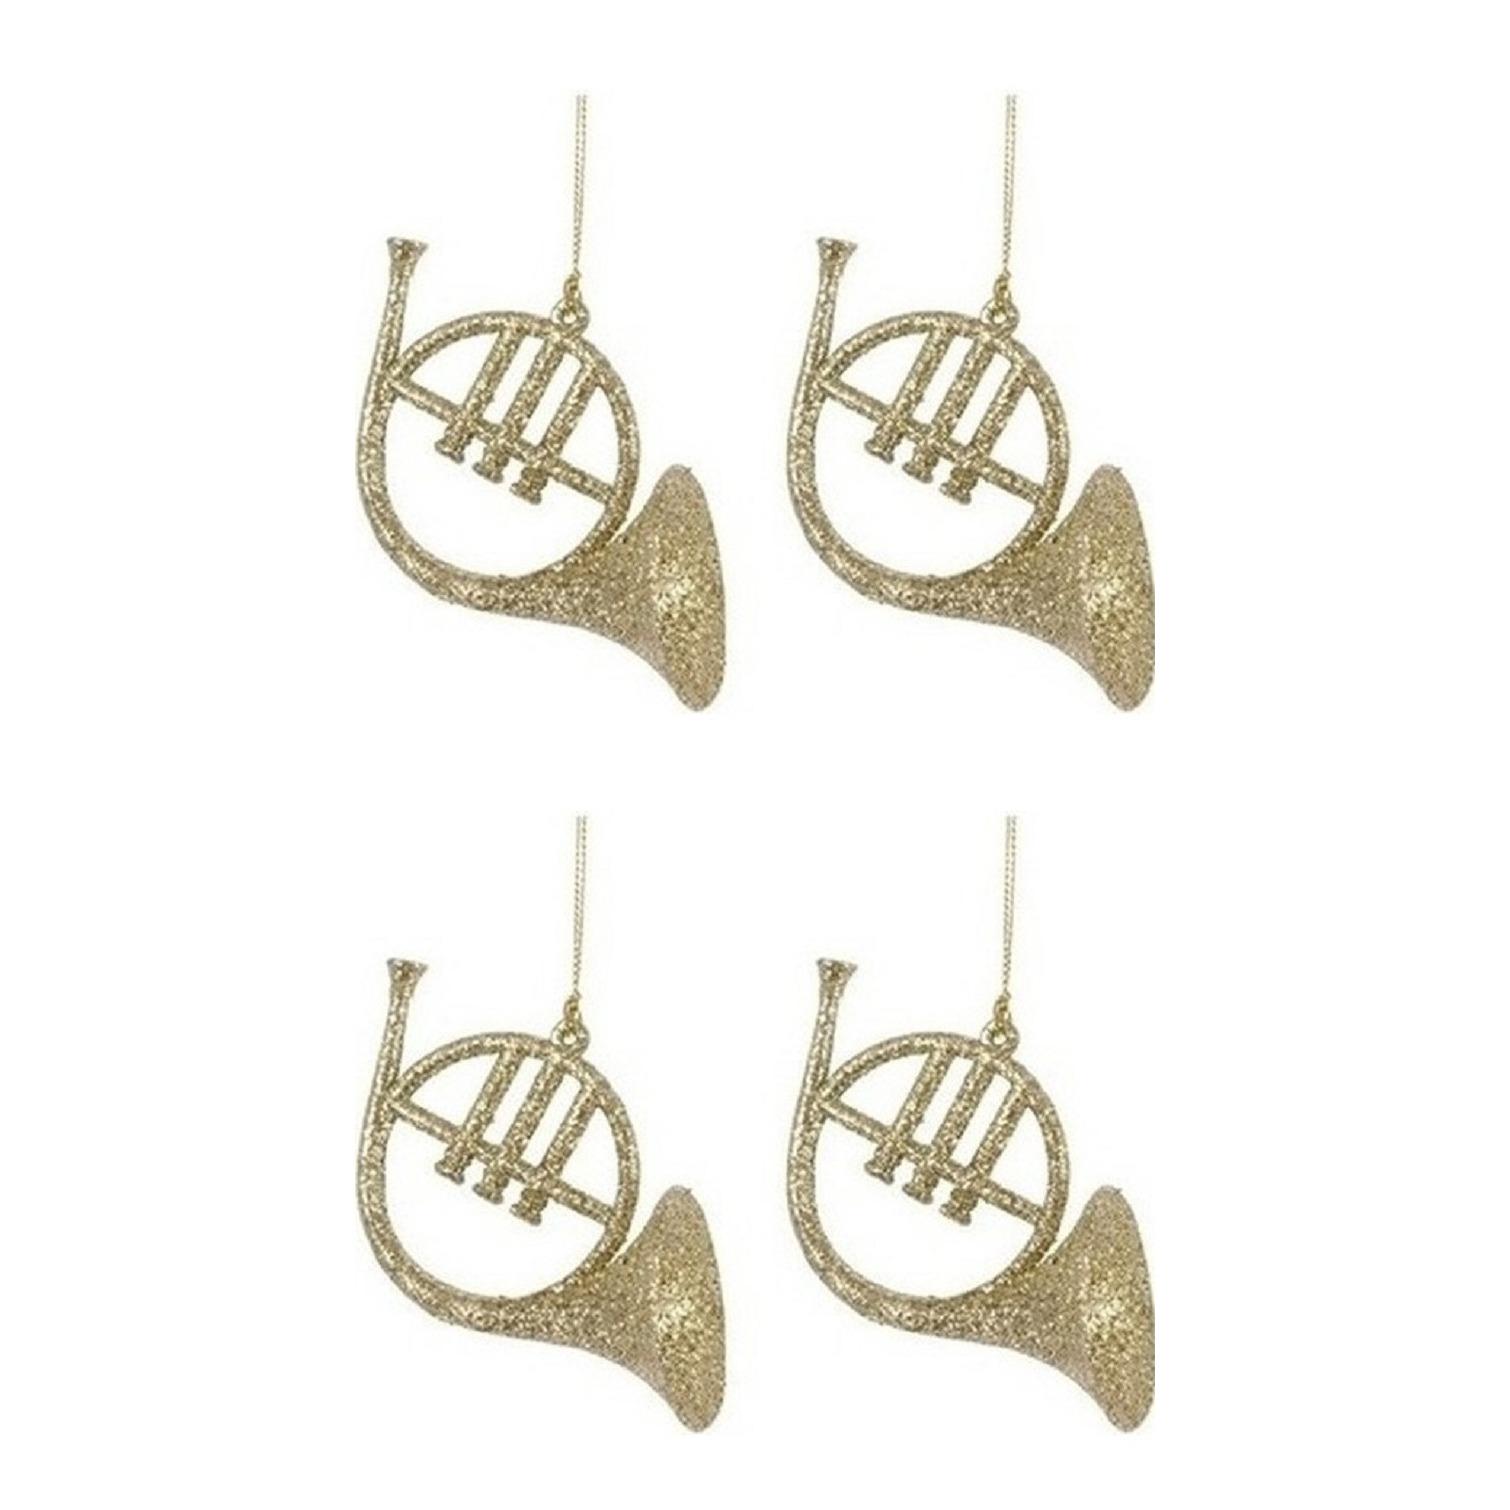 4x Kerstornamenten gouden glitter muziekinstrumenten 7 cm hoorns